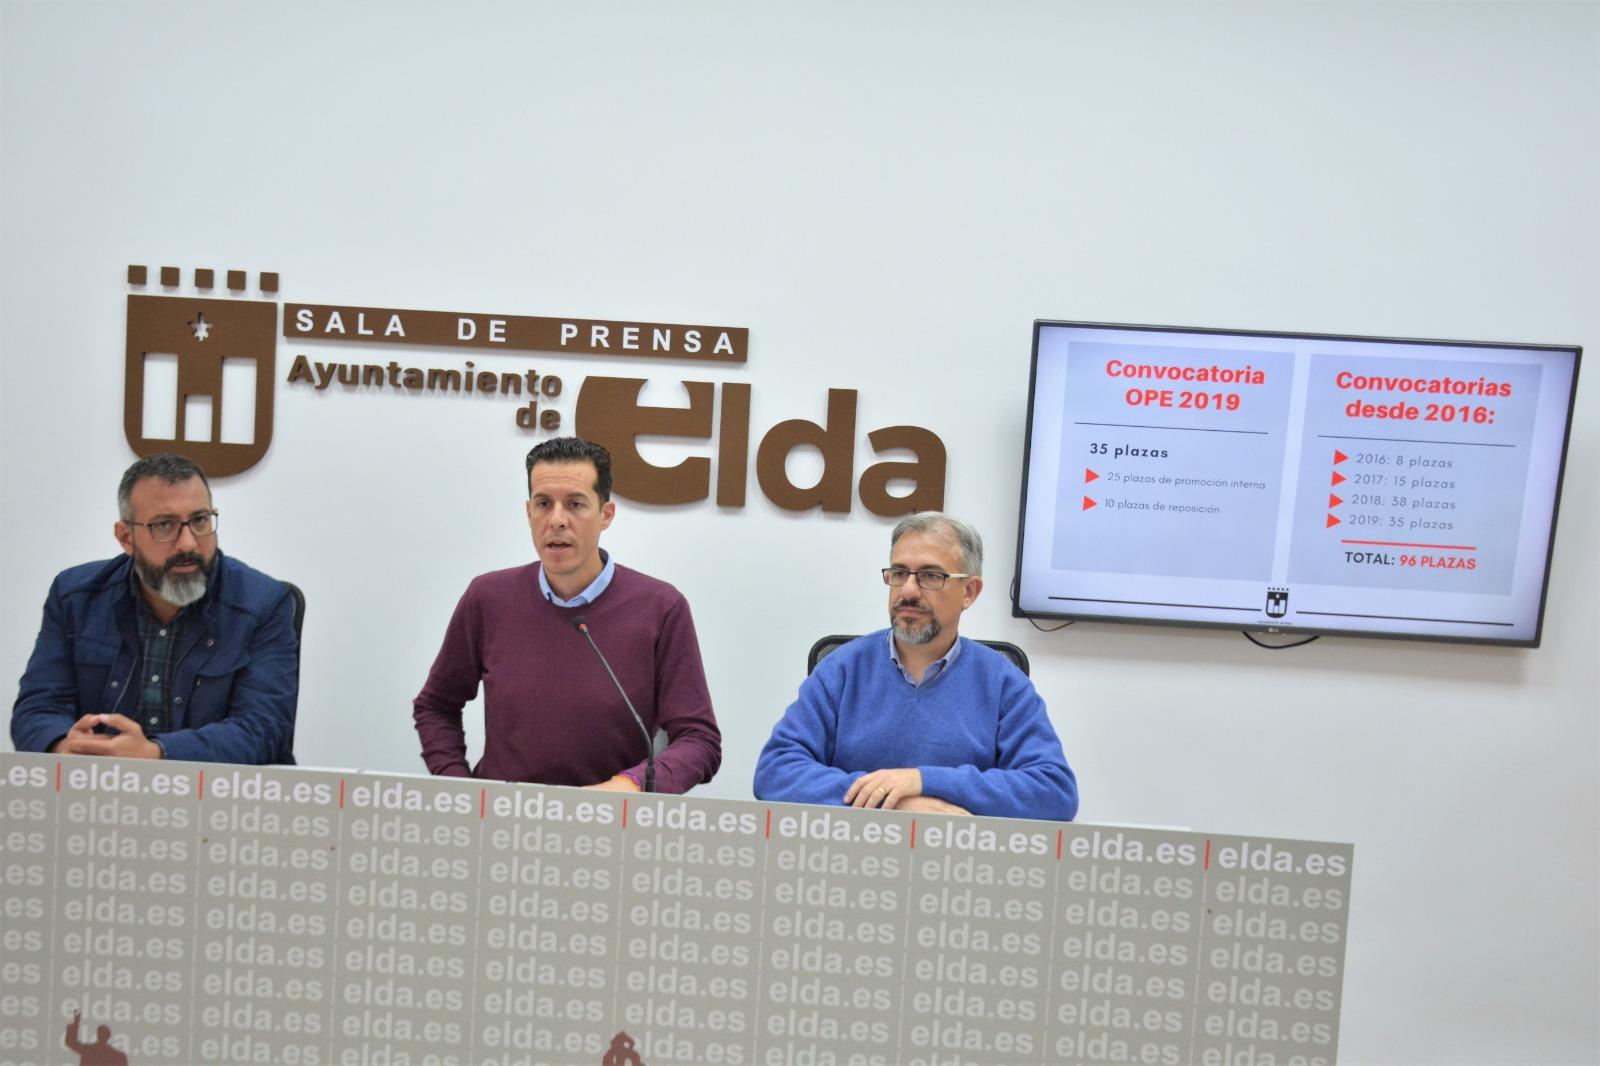 El Ayuntamiento de Elda oferta 35 plazas de empleo público y reducirá la tasa de temporalidad por debajo del 8%